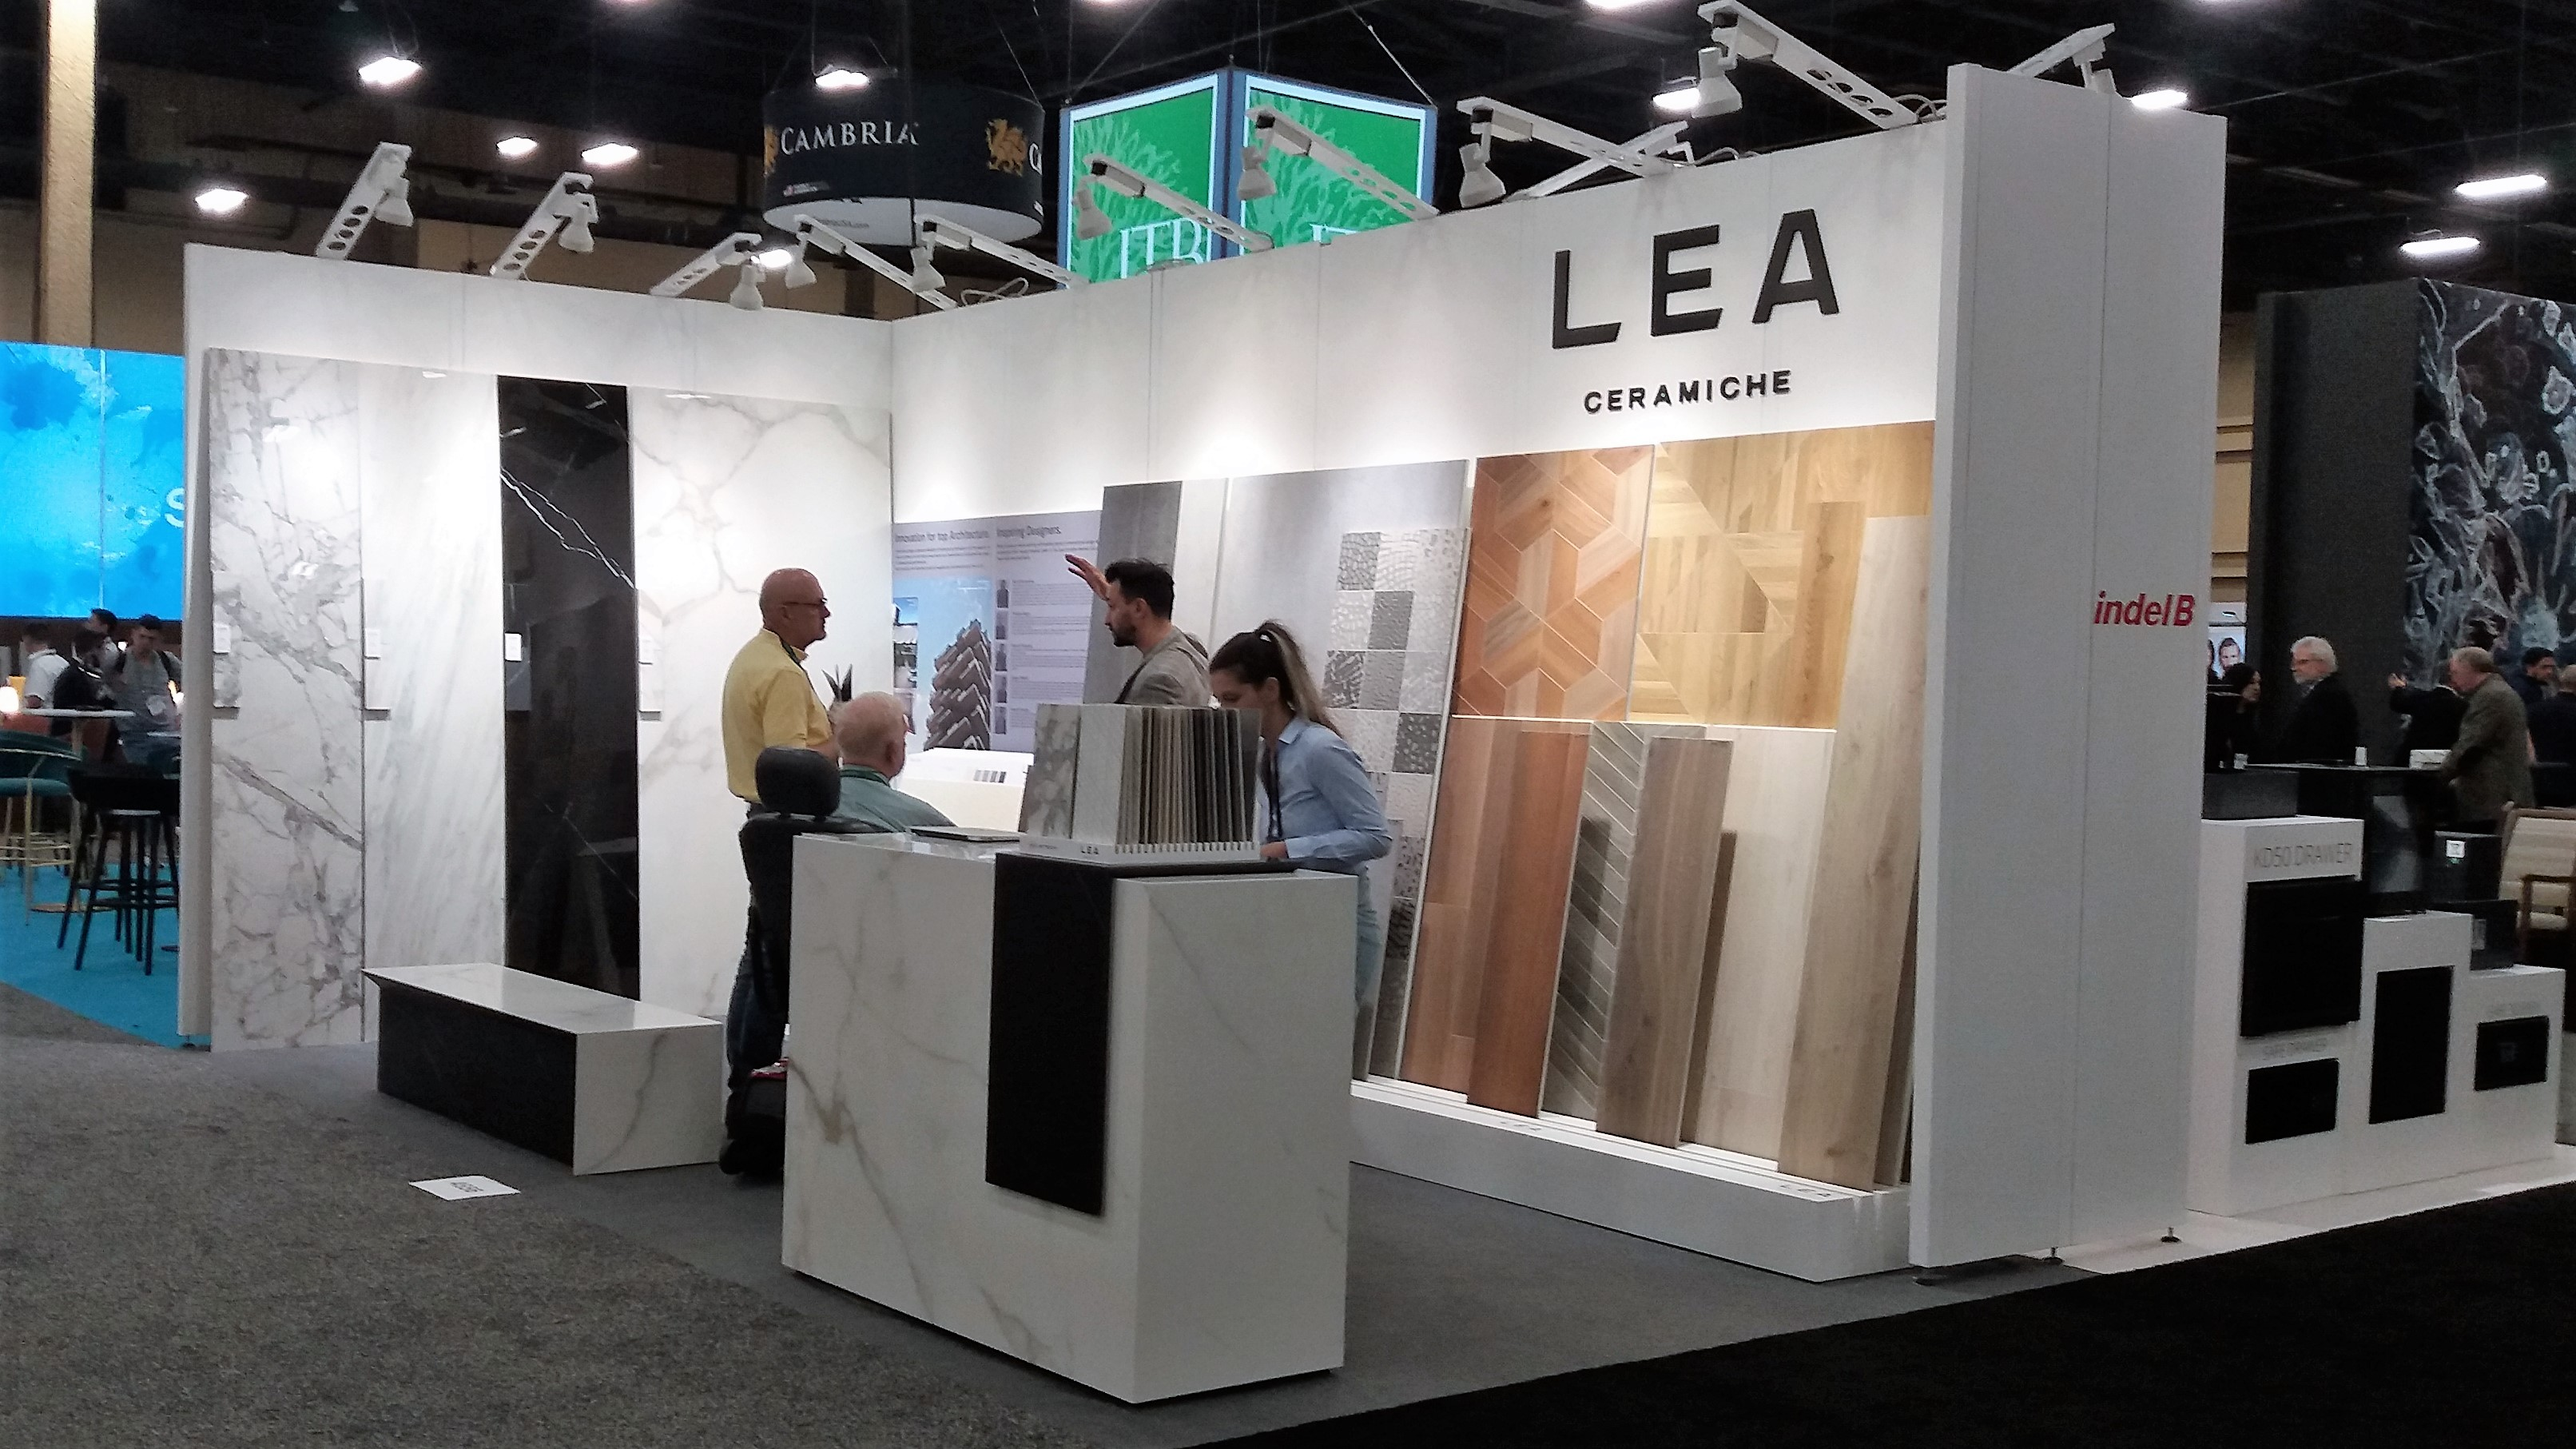 LEA CERAMICHE - Hospitality Design Expo